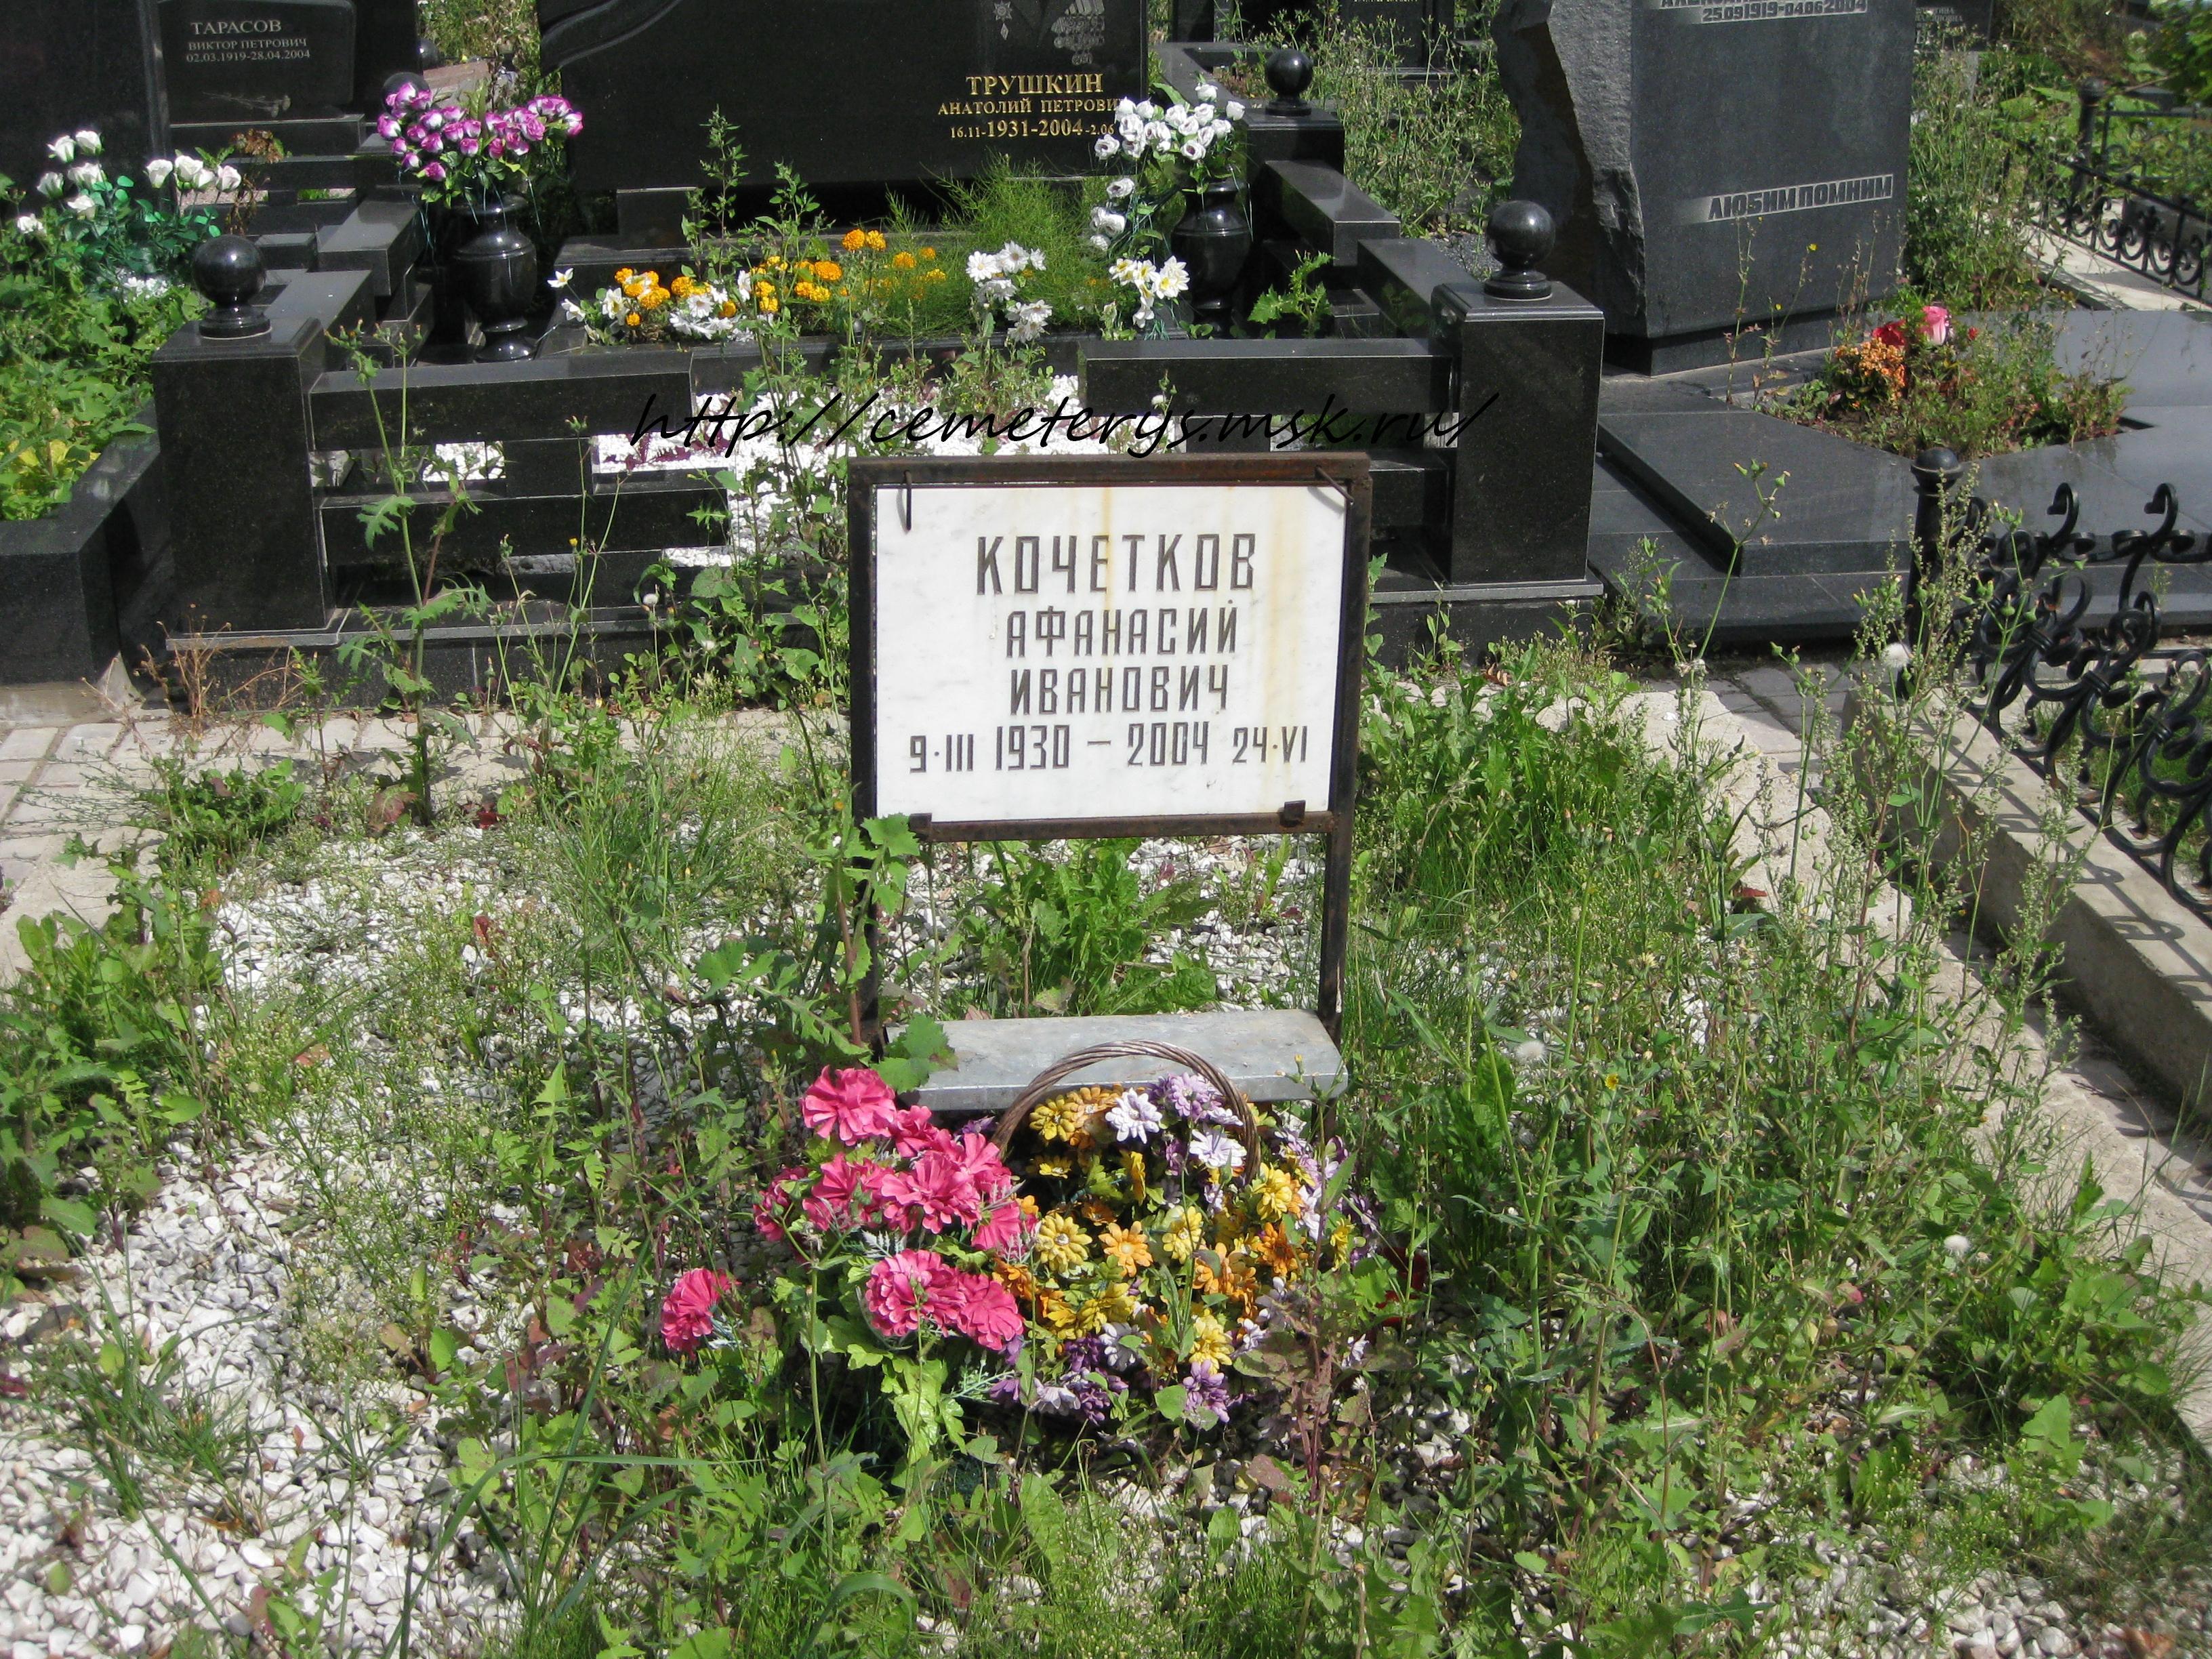 могила актёра Афанасия Кочеткова, до установки памятника ( фото Дмитрия Кондратьева )